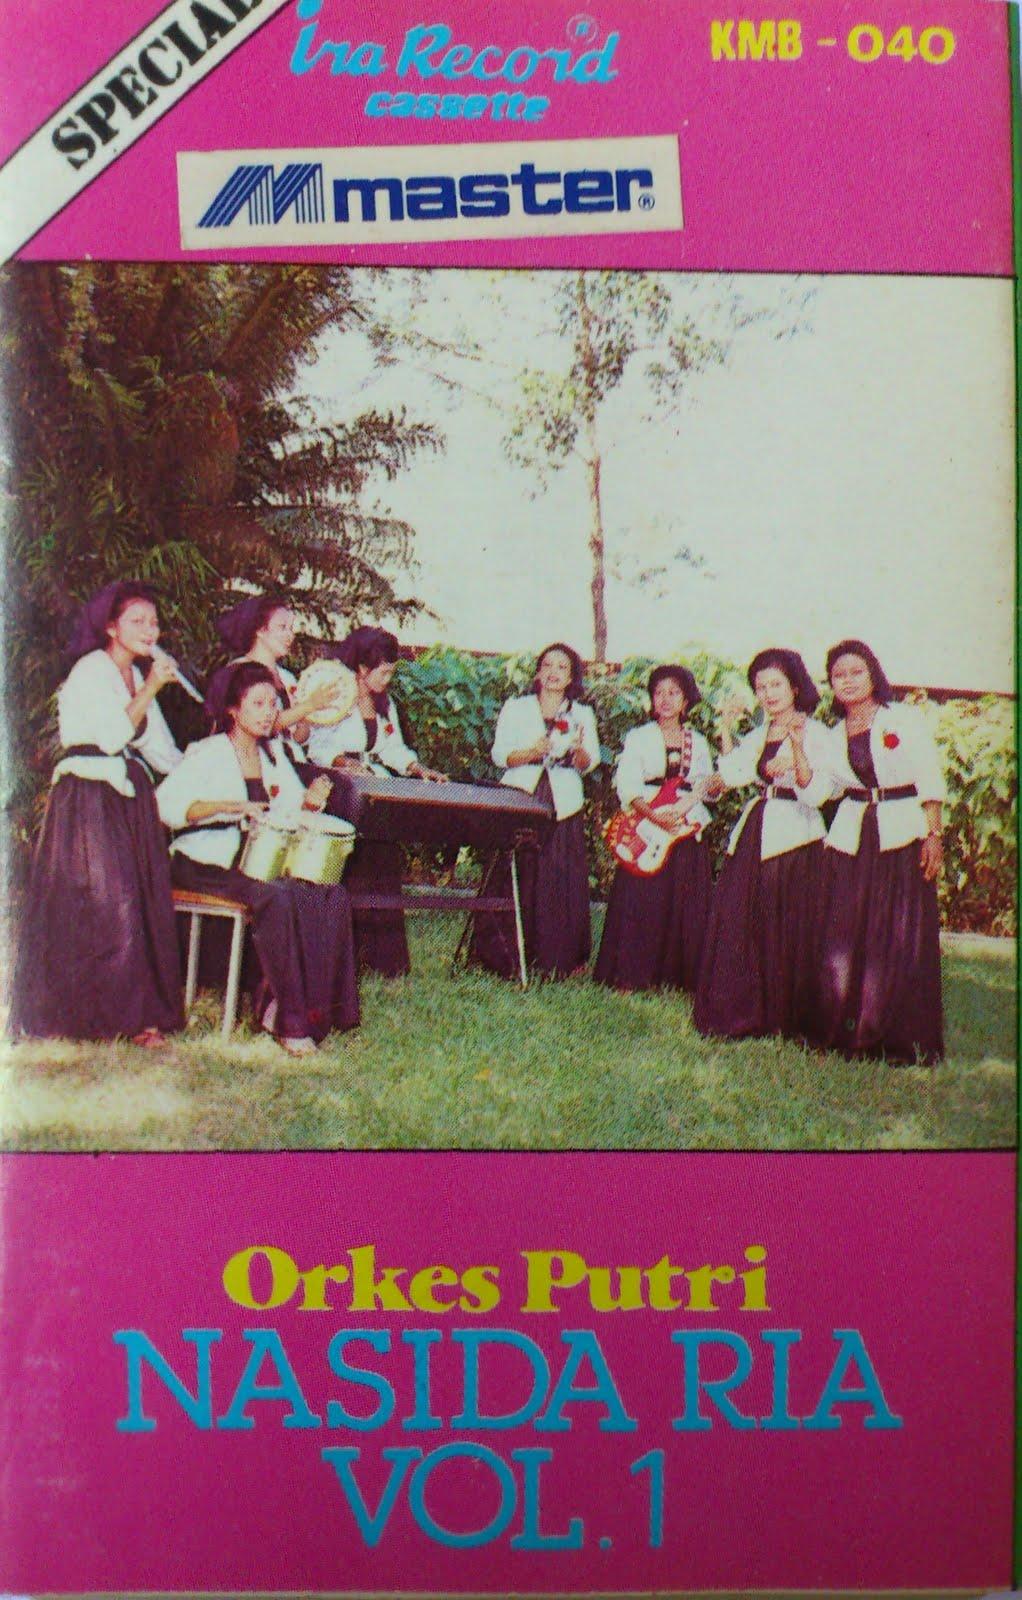 Do You Know Indonesia?: Volume 1 Maha Pengasih _ Album Musik Qasidah Nasida Ria